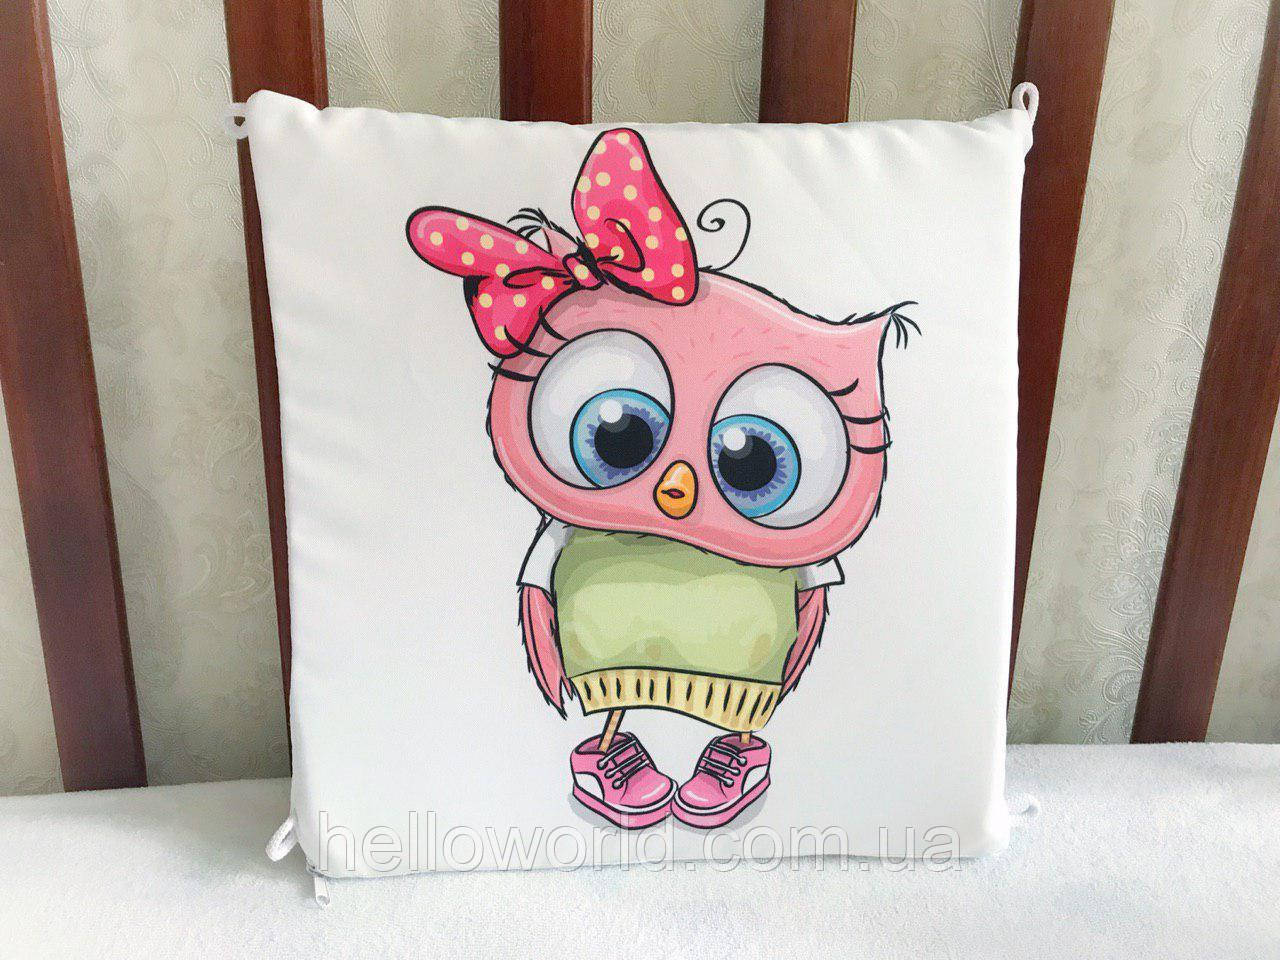 Бортик Розовая сова с бантом в горошек